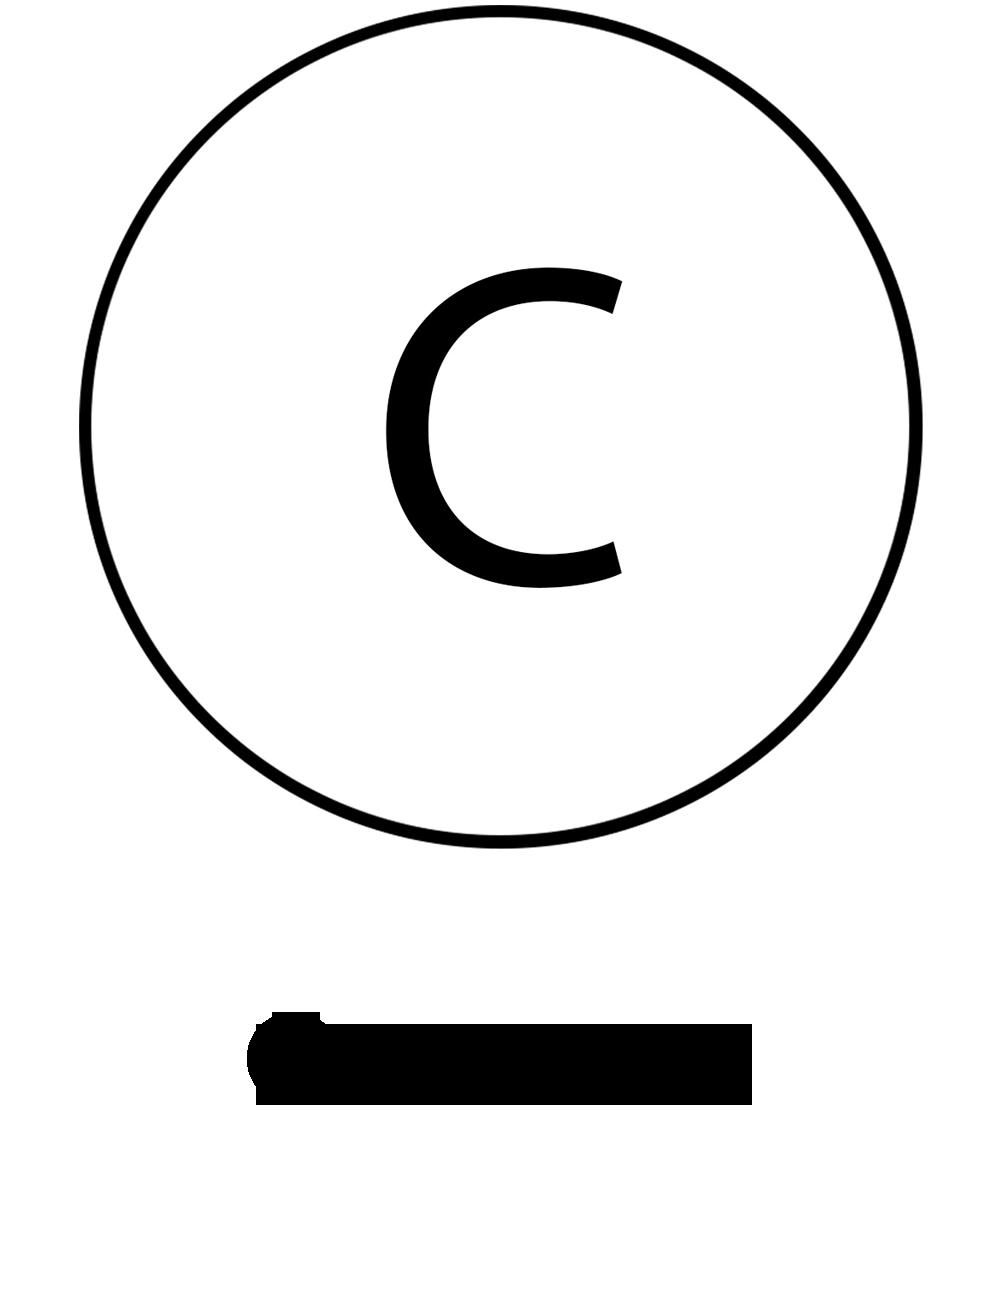 00_Ceramic.png